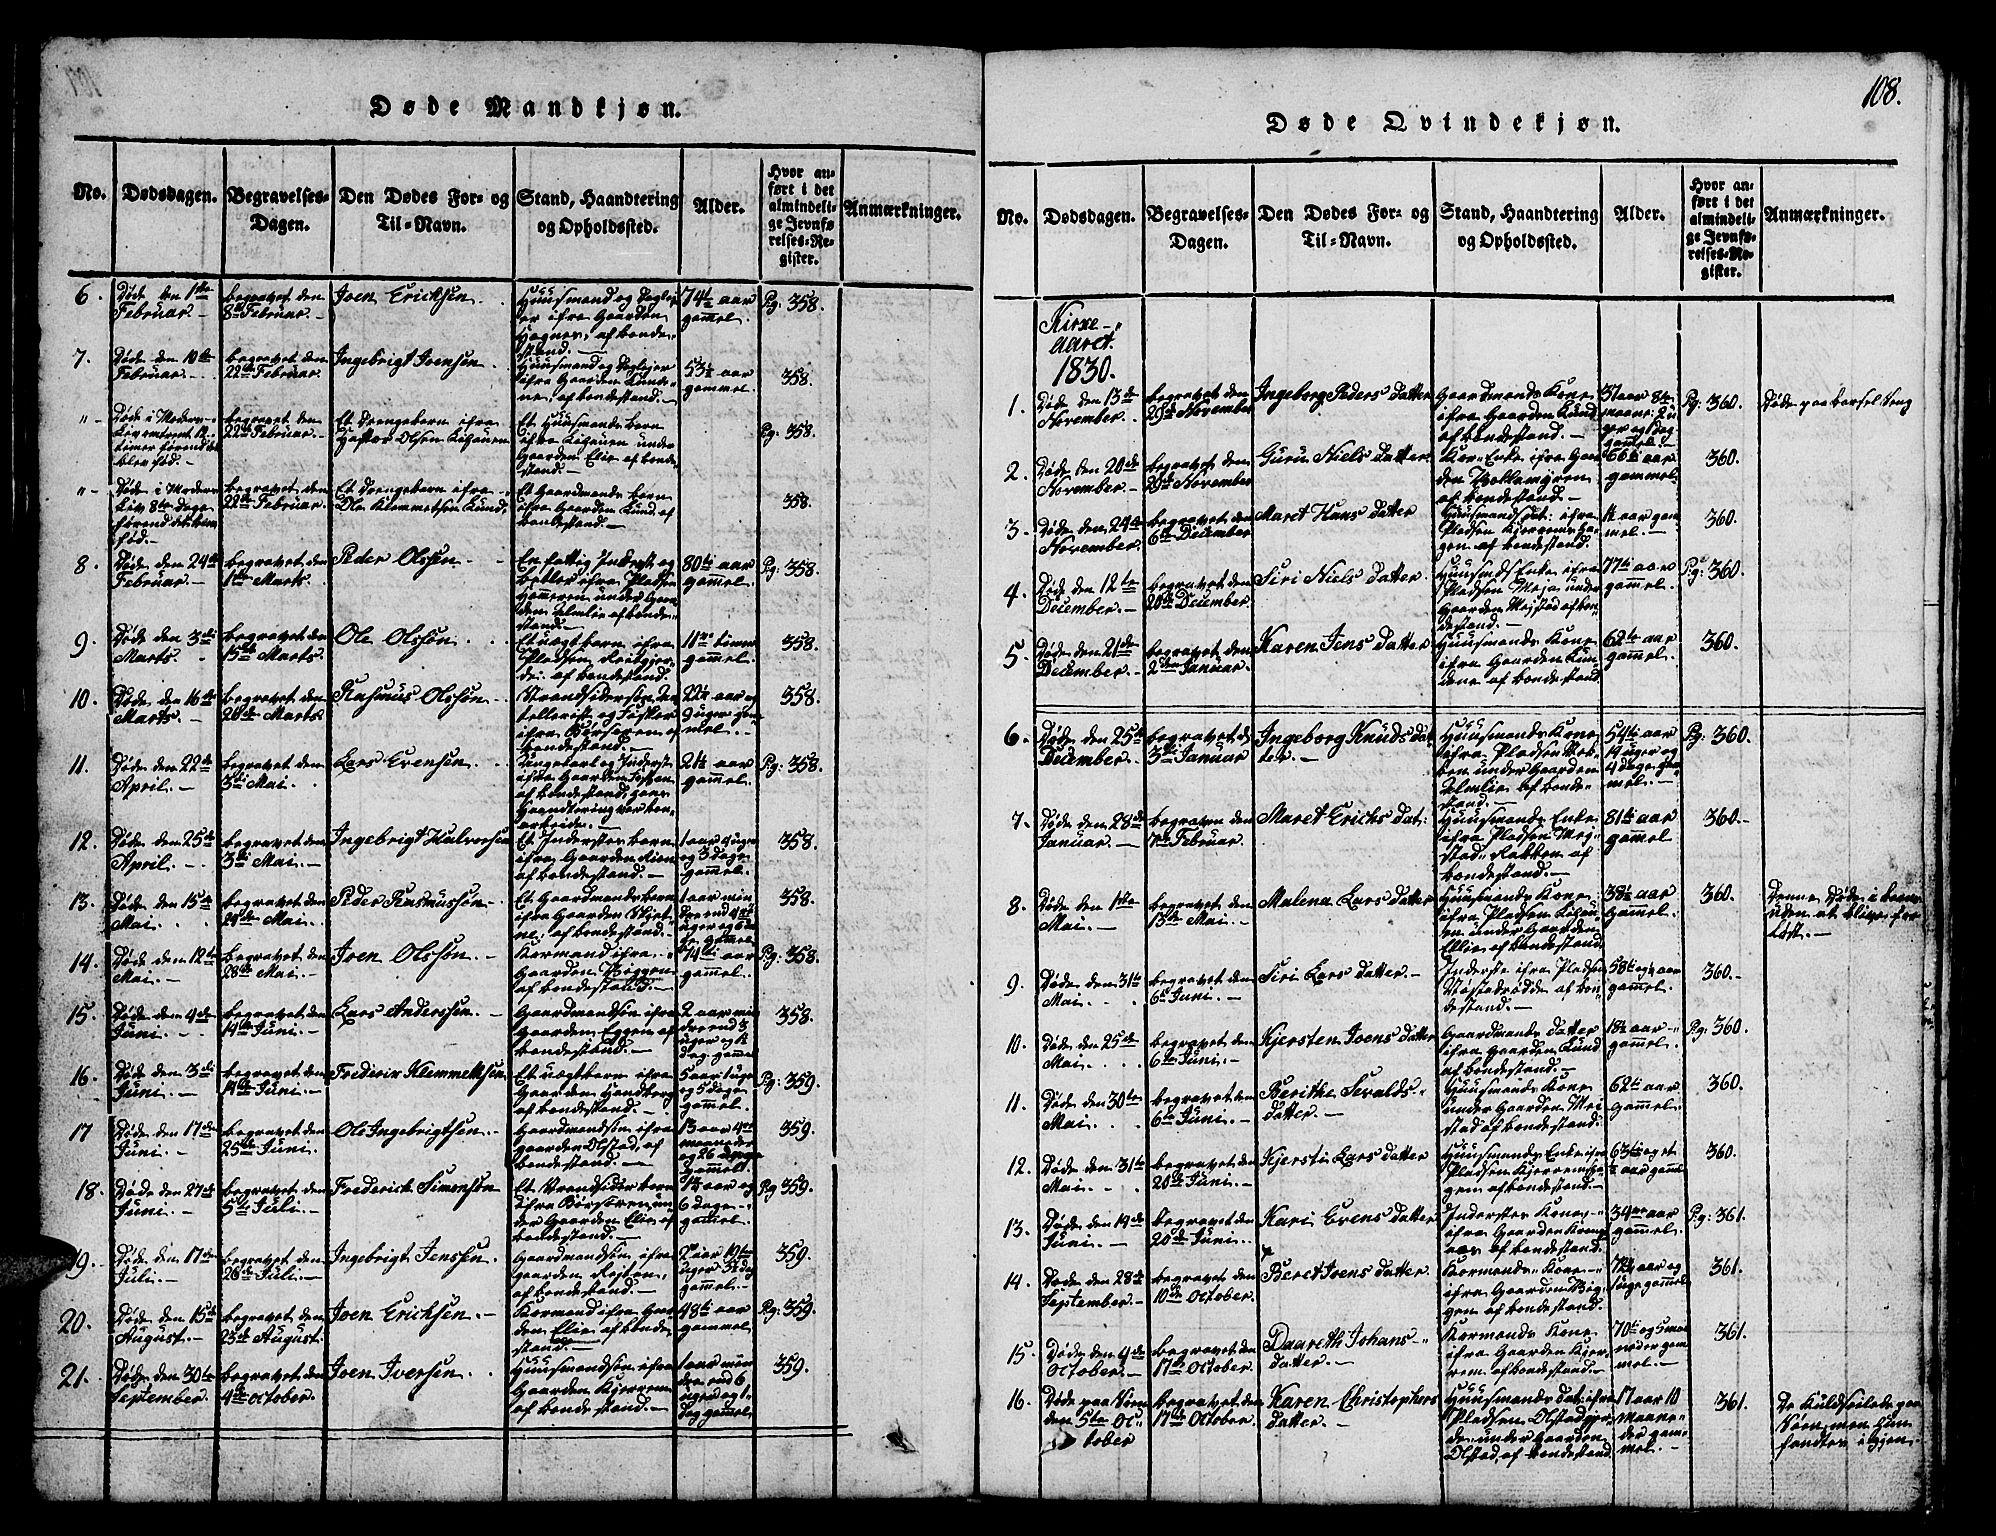 SAT, Ministerialprotokoller, klokkerbøker og fødselsregistre - Sør-Trøndelag, 665/L0776: Klokkerbok nr. 665C01, 1817-1837, s. 108